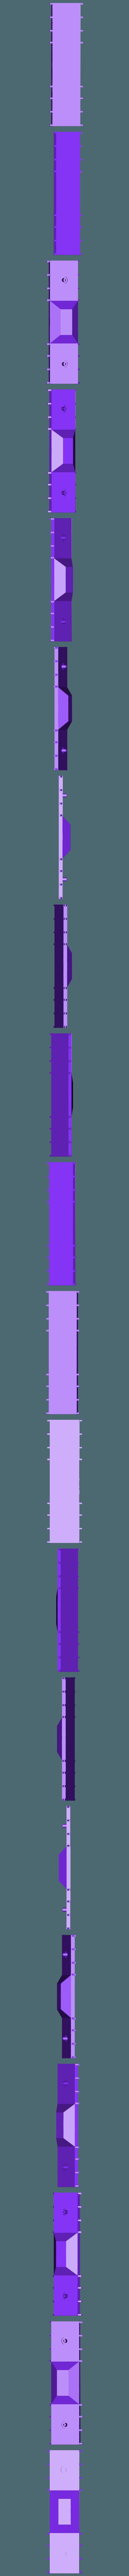 platform.stl Télécharger fichier STL gratuit Warhammer 40K - wagon gargo général - échelle HO (1:87) • Modèle pour impression 3D, nenchev